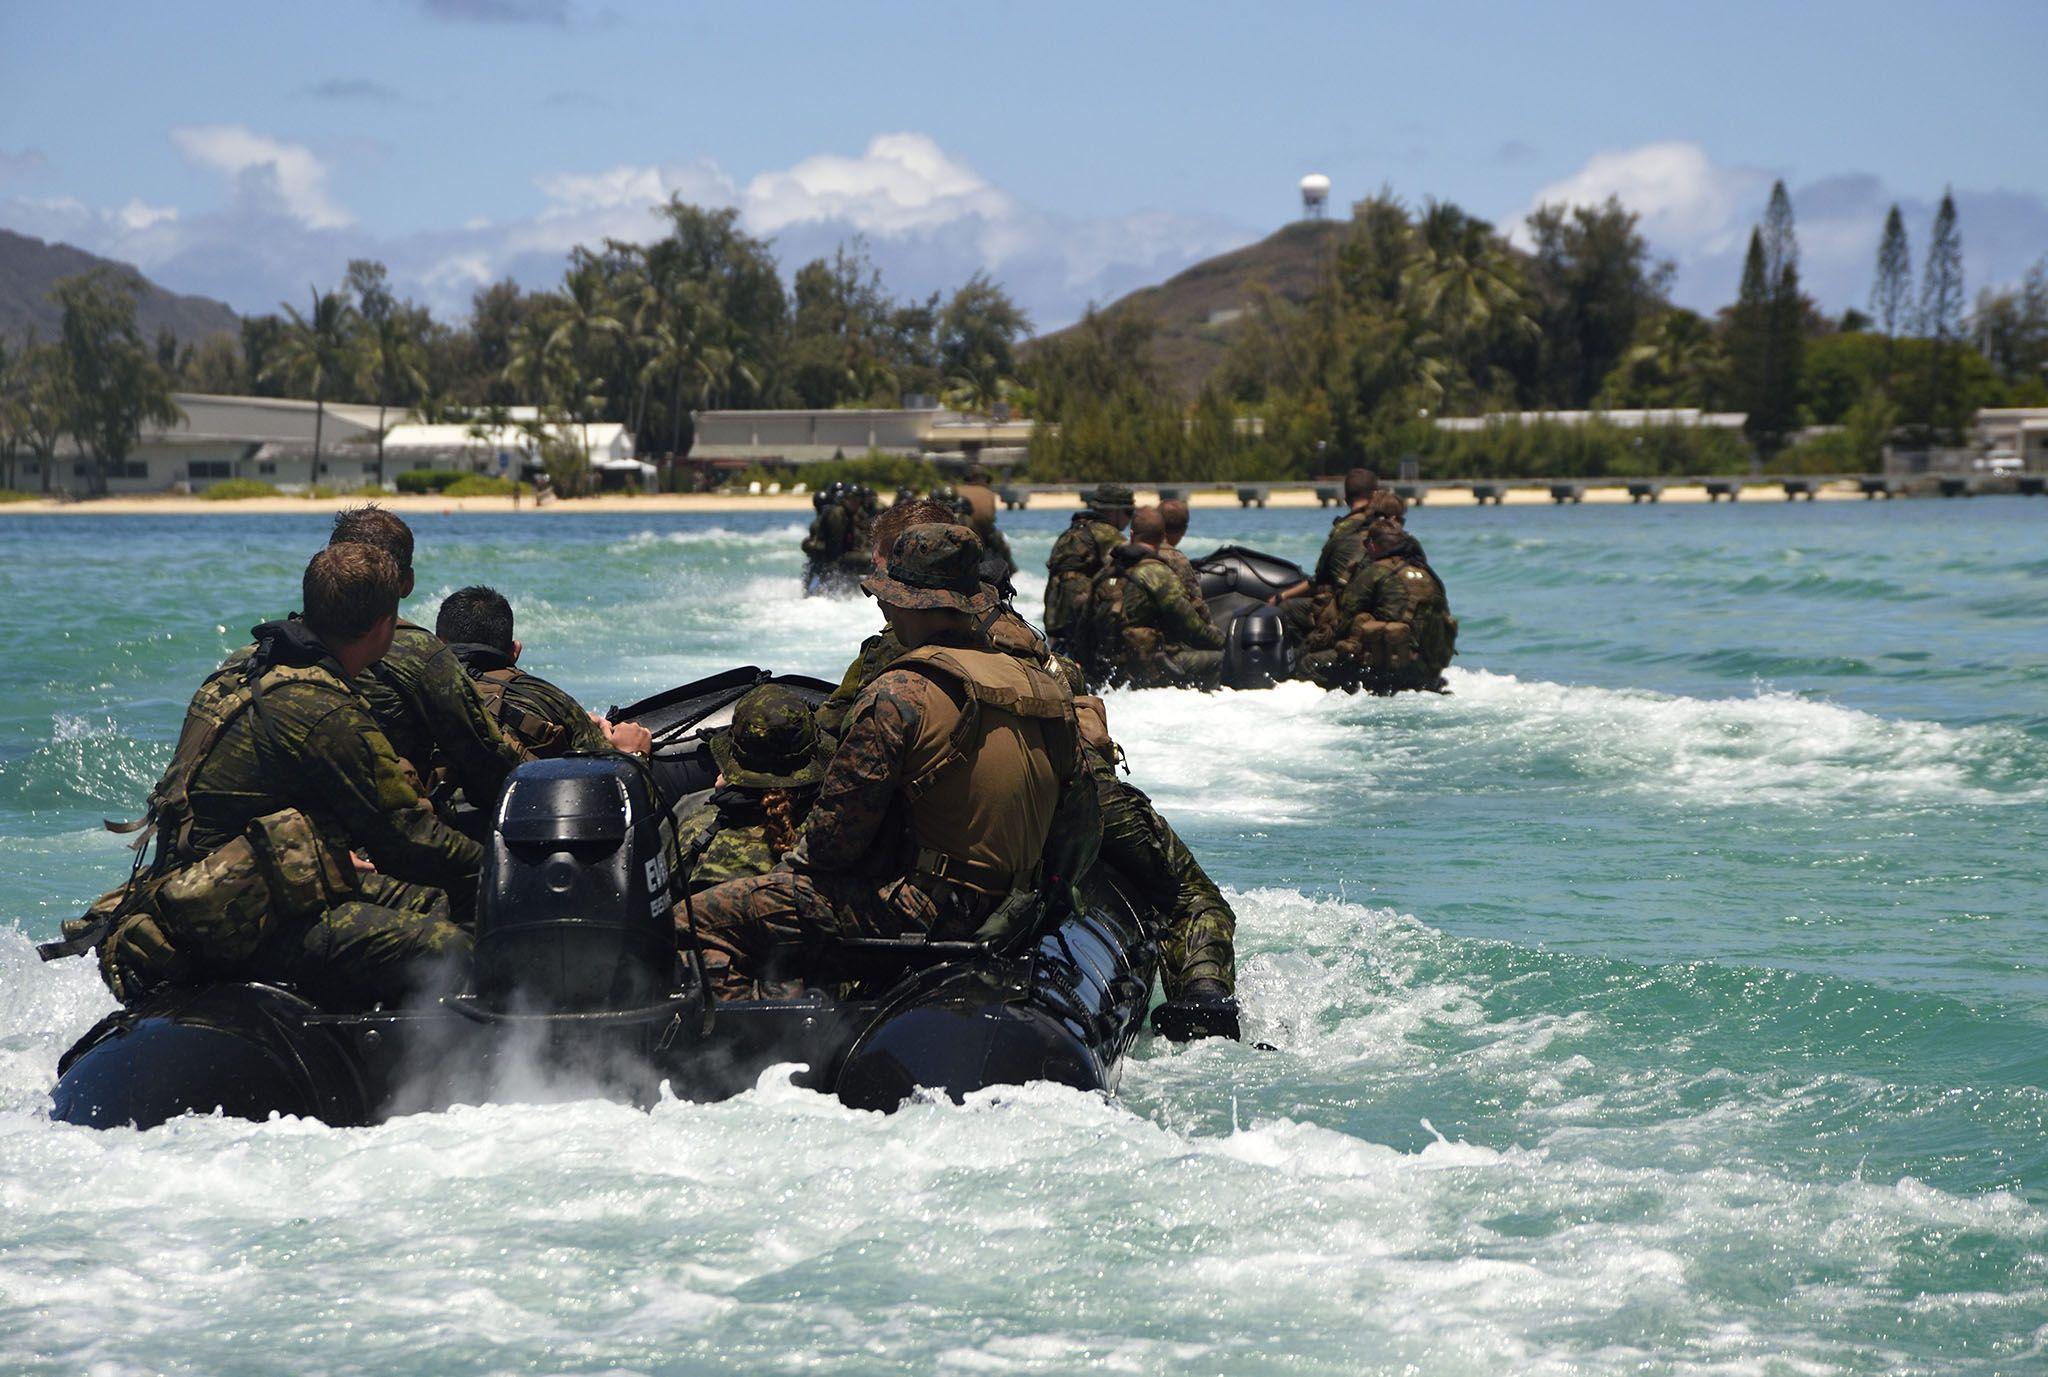 Armee Hawaii